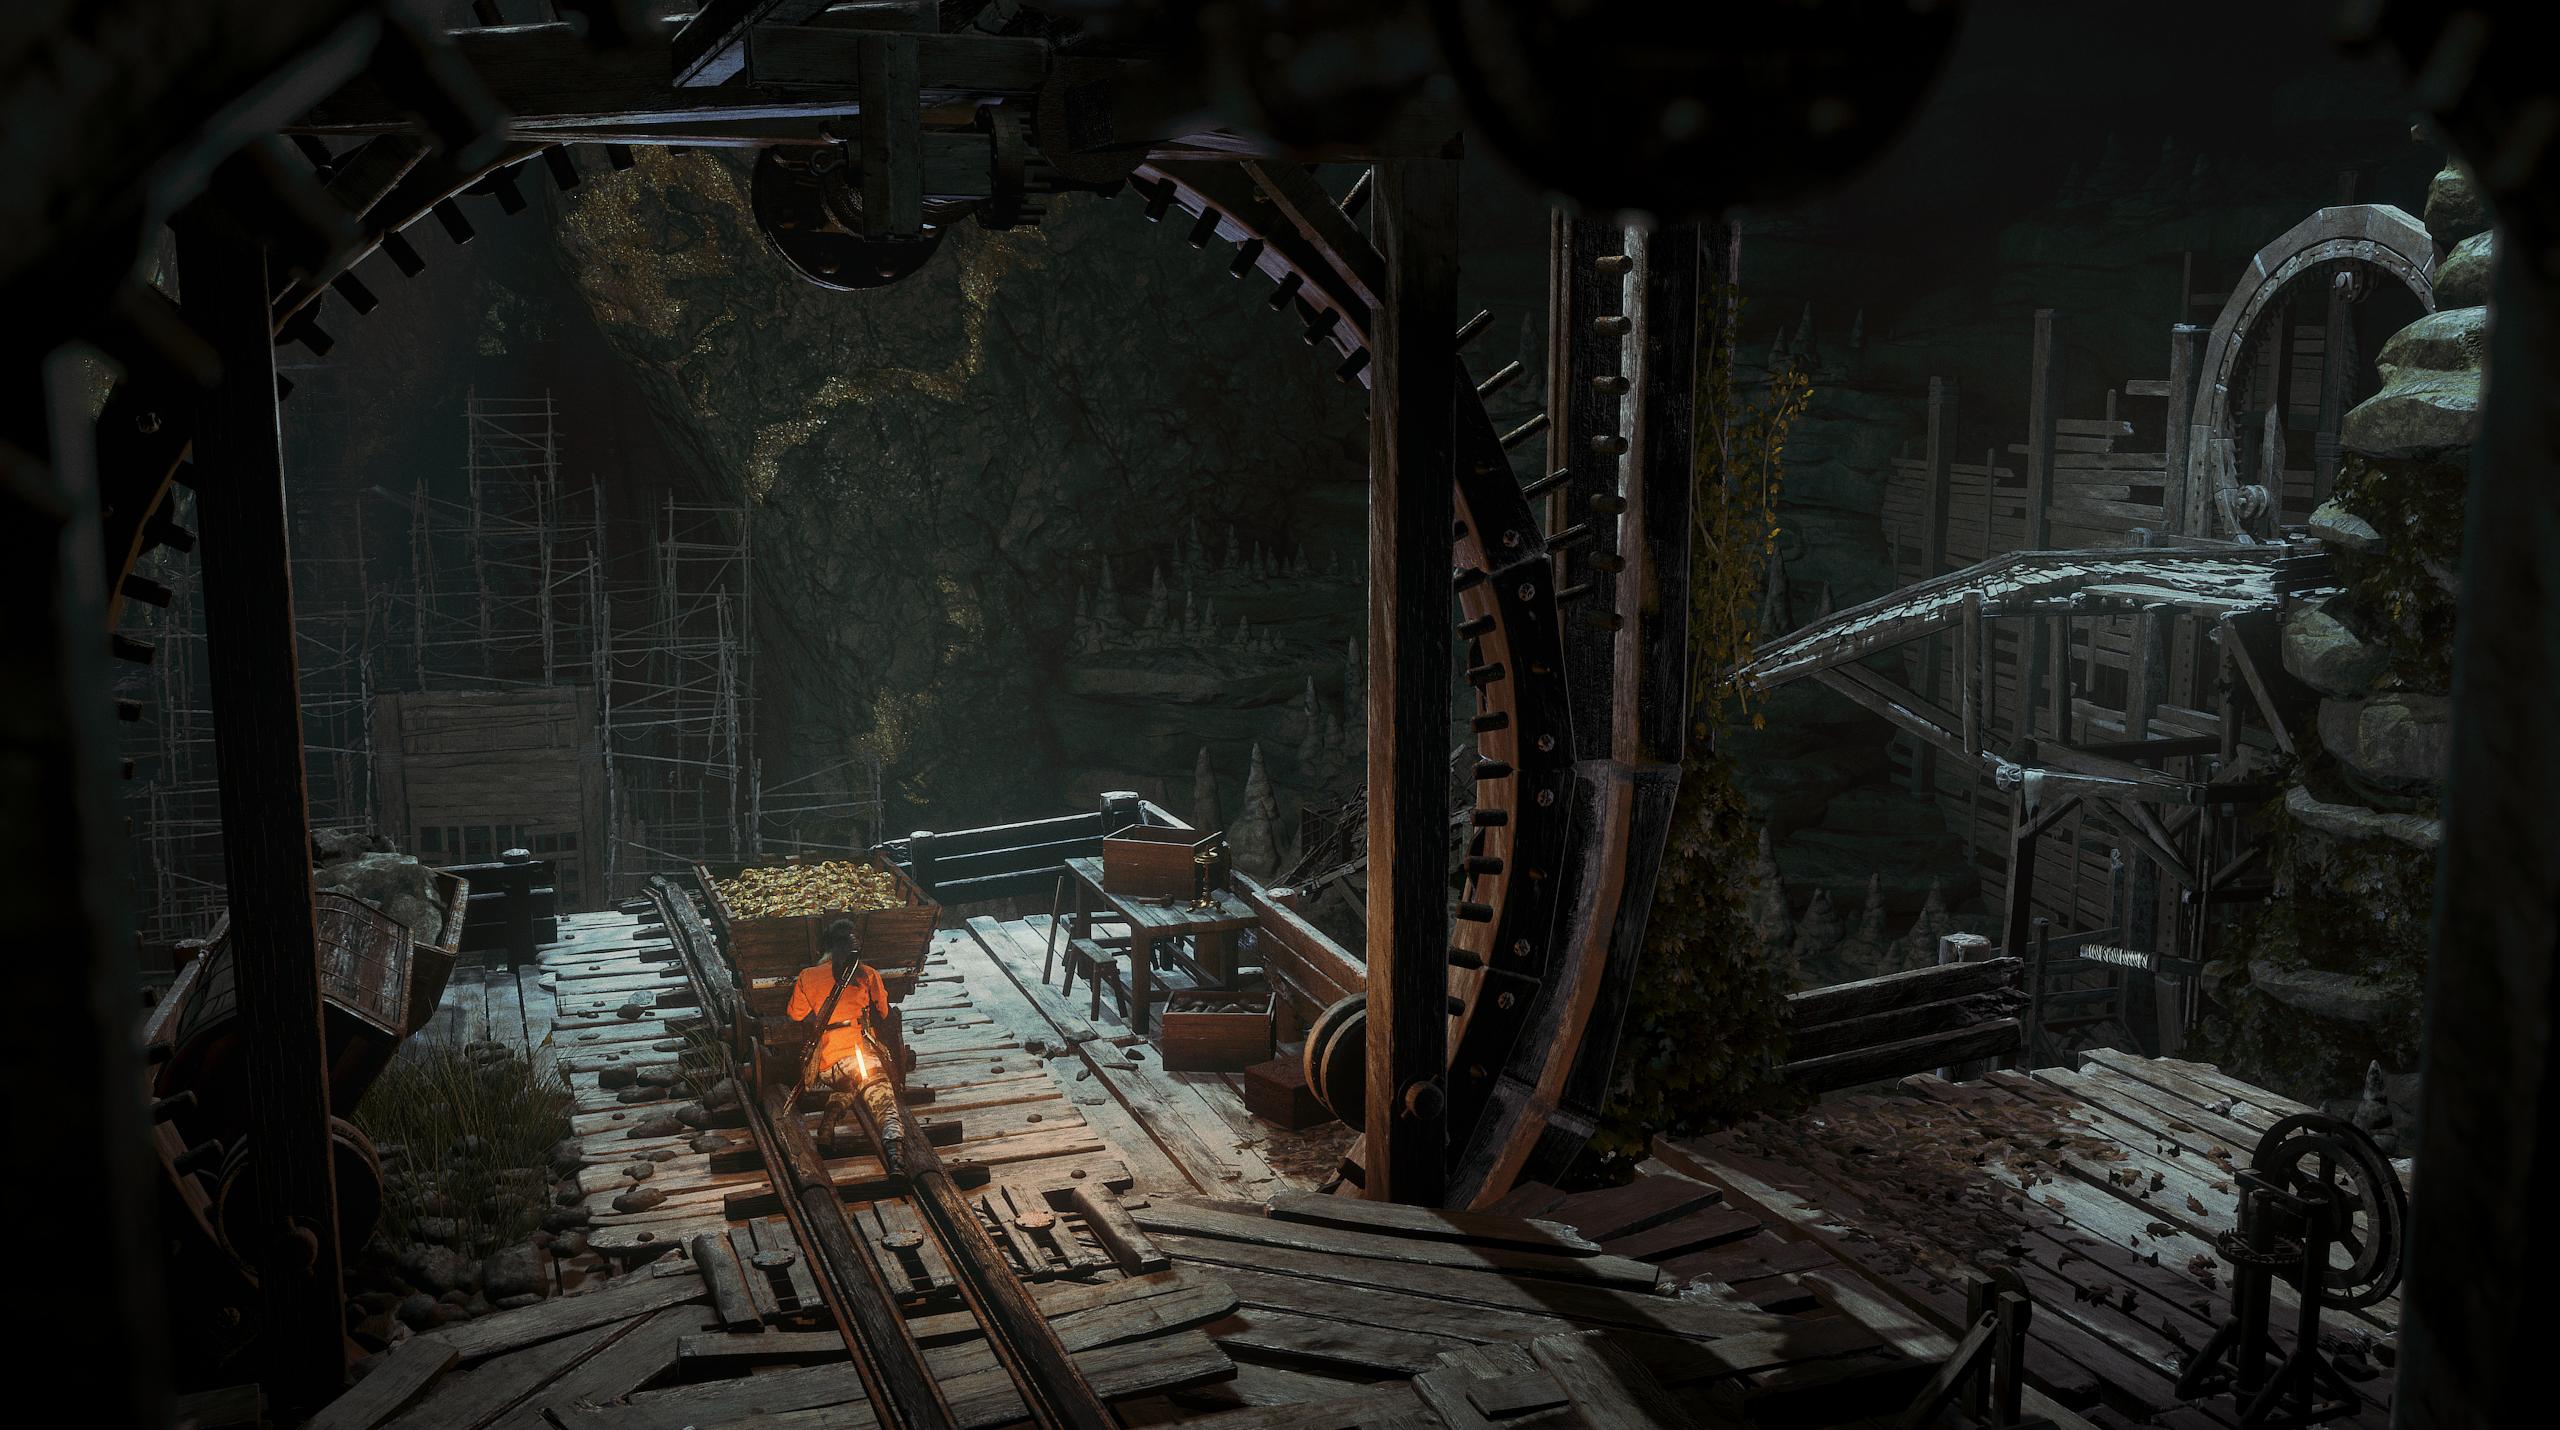 Obrázky z Rise of the Tomb Raider před vydáním PS4 verze 131616